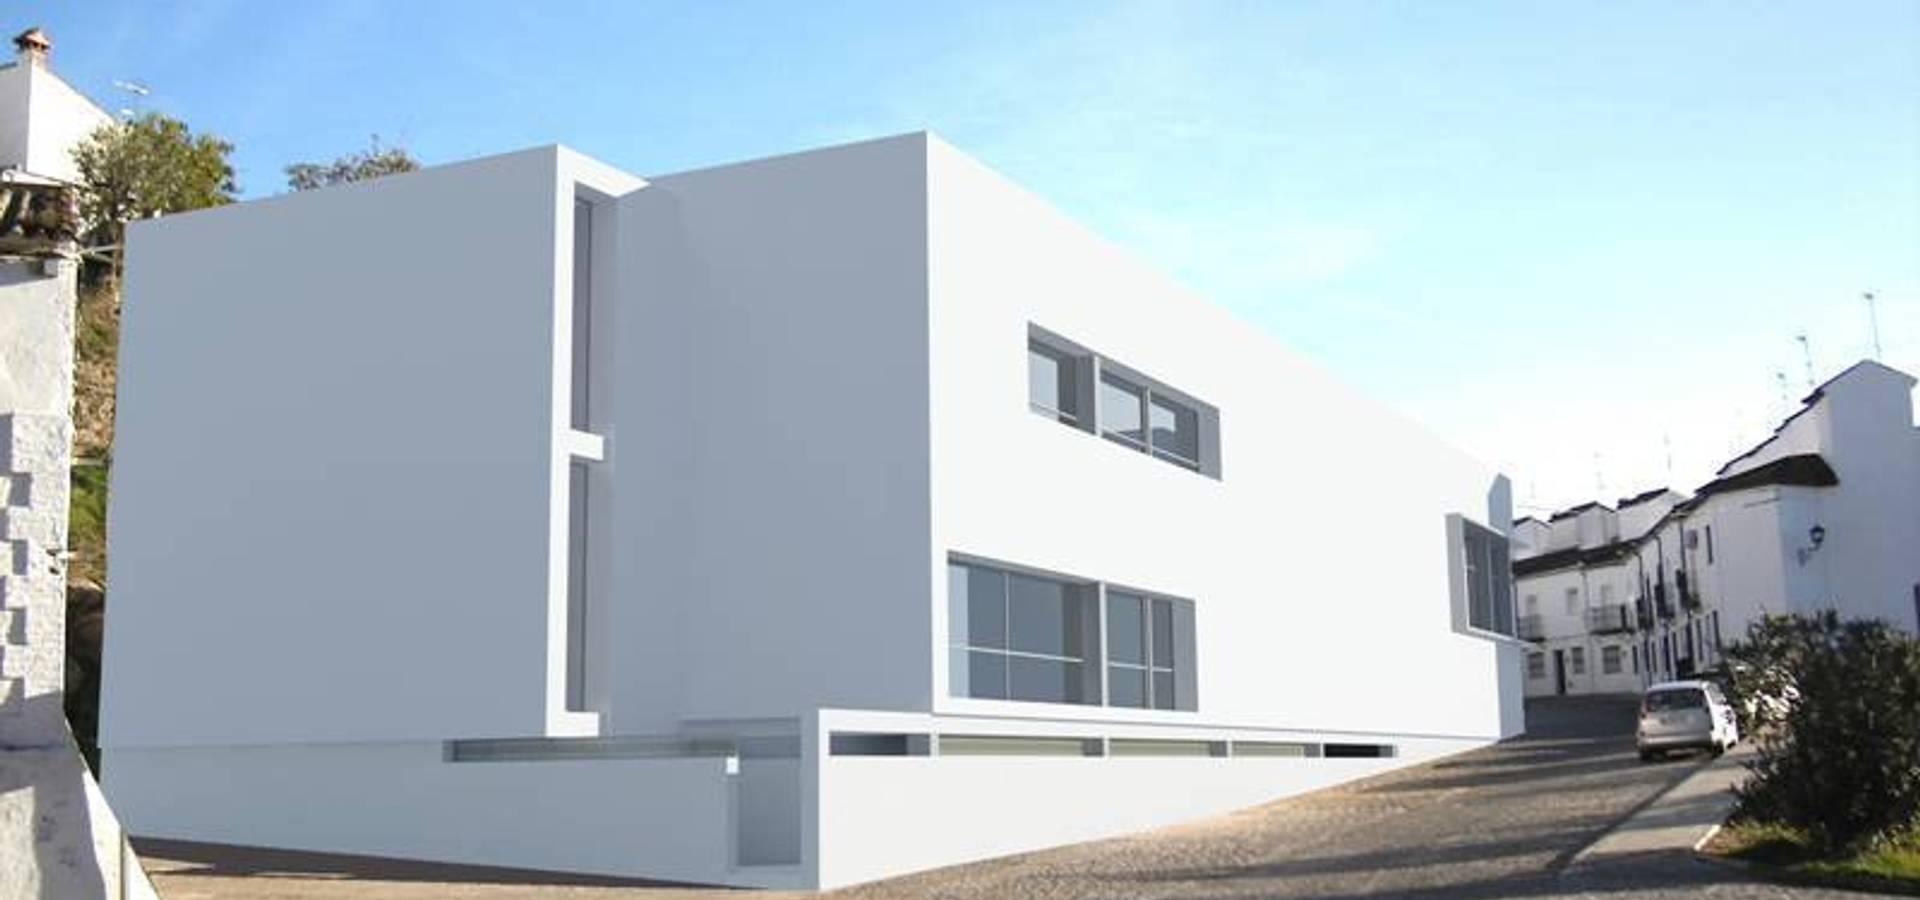 Rehabilitacion de edificio en el albaicin by estudio de for Estudio de arquitectura